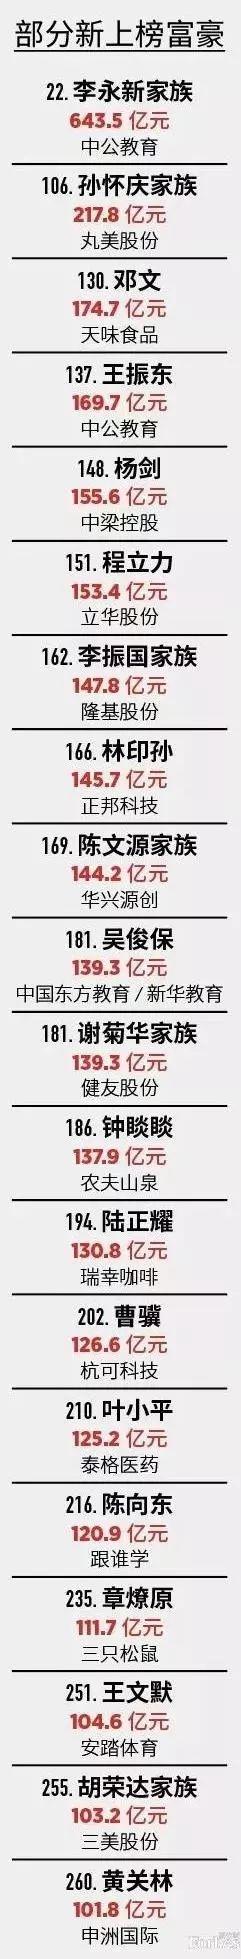 最新福布斯中国富豪榜出炉!马云蝉联榜首 马化腾许家印位列二三名